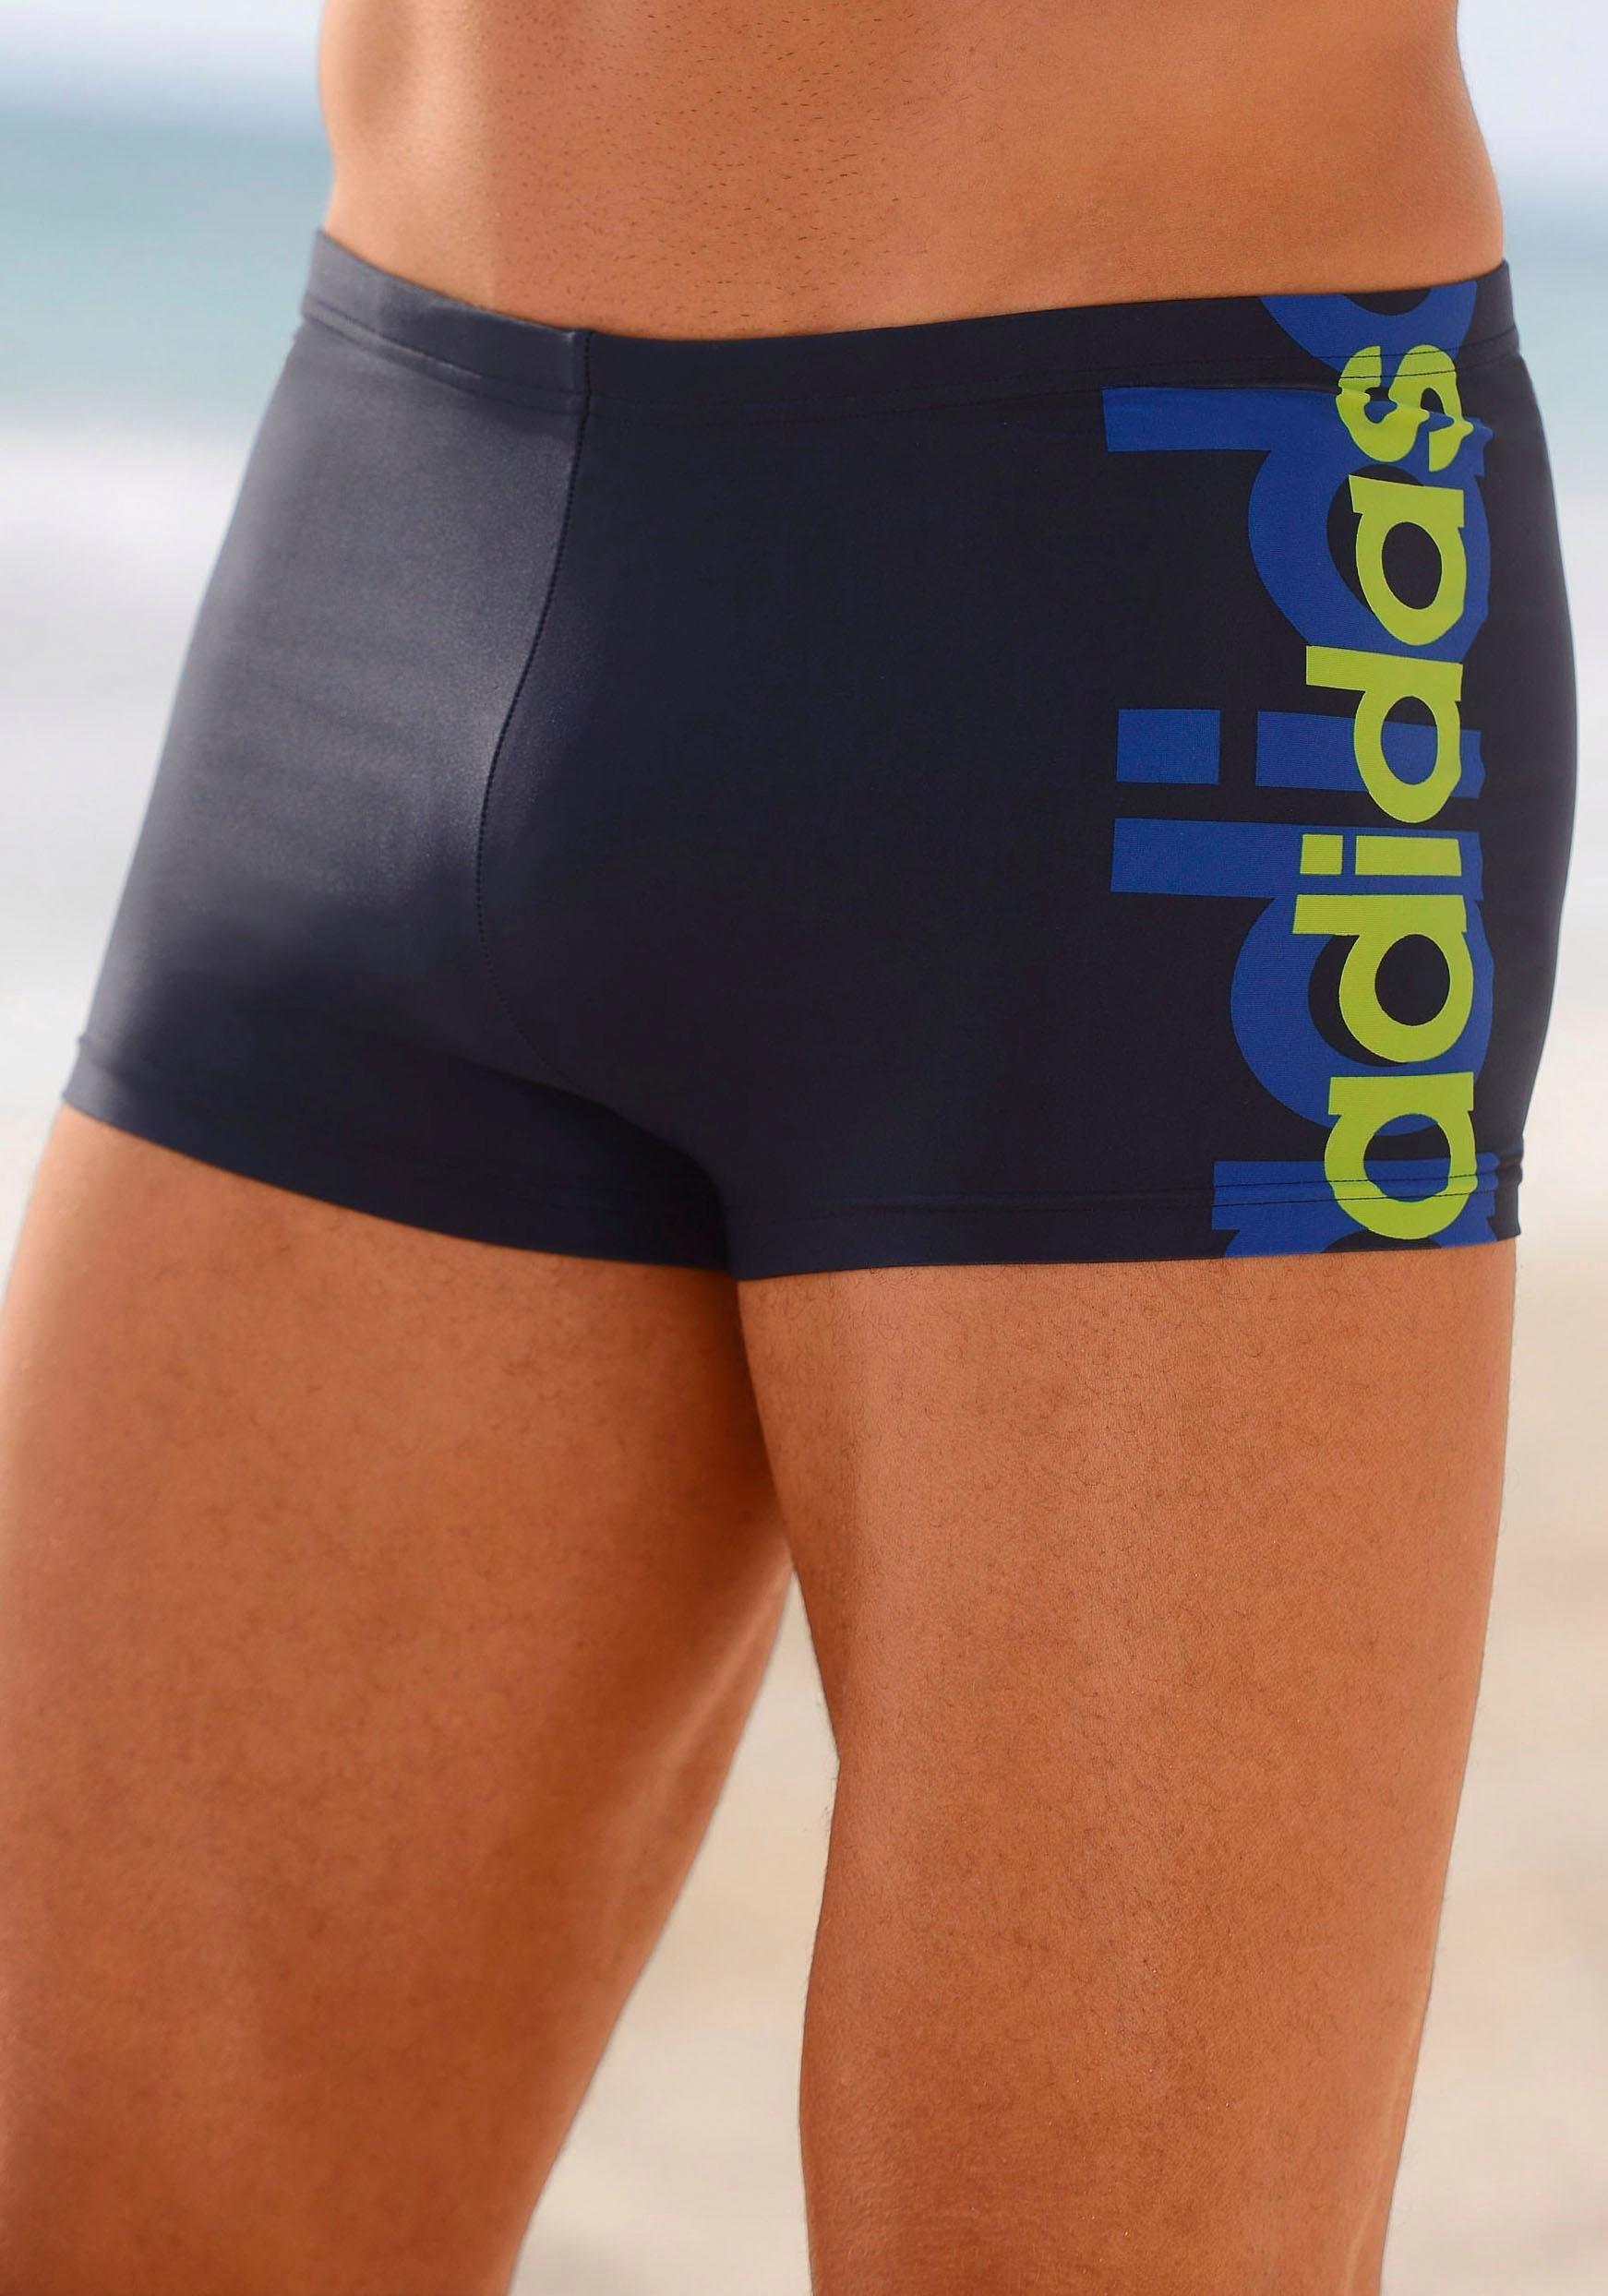 adidas Performance zwemboxer met groot logo-opschrift voordelig en veilig online kopen